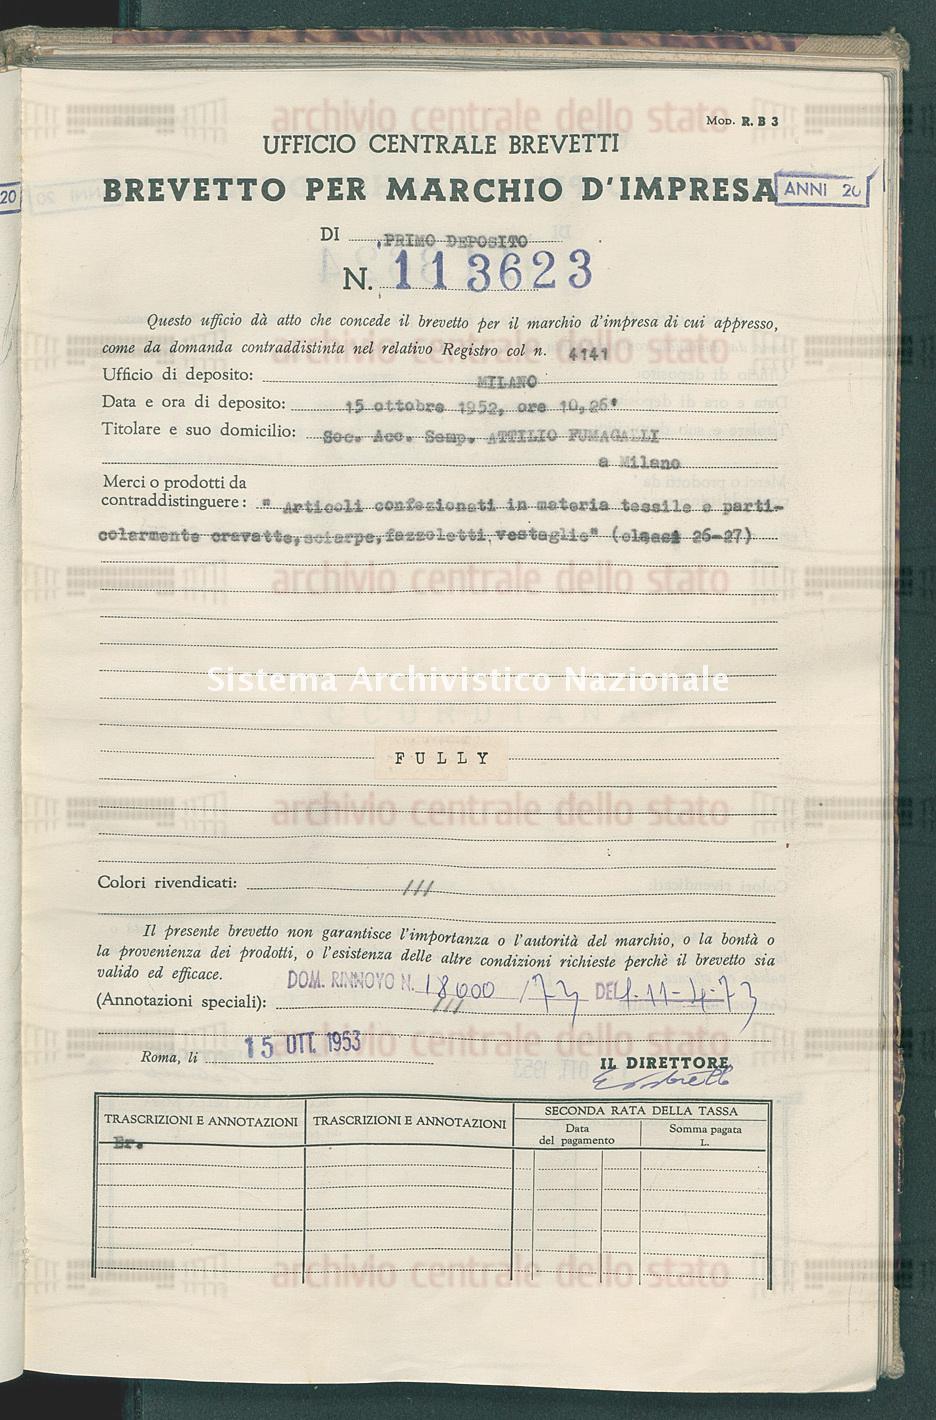 'Articoli confezionati in materia tessile o particolarmente cravatte, Soc.Acc.Sempl.Attilio Fumagalli (15/10/1953)